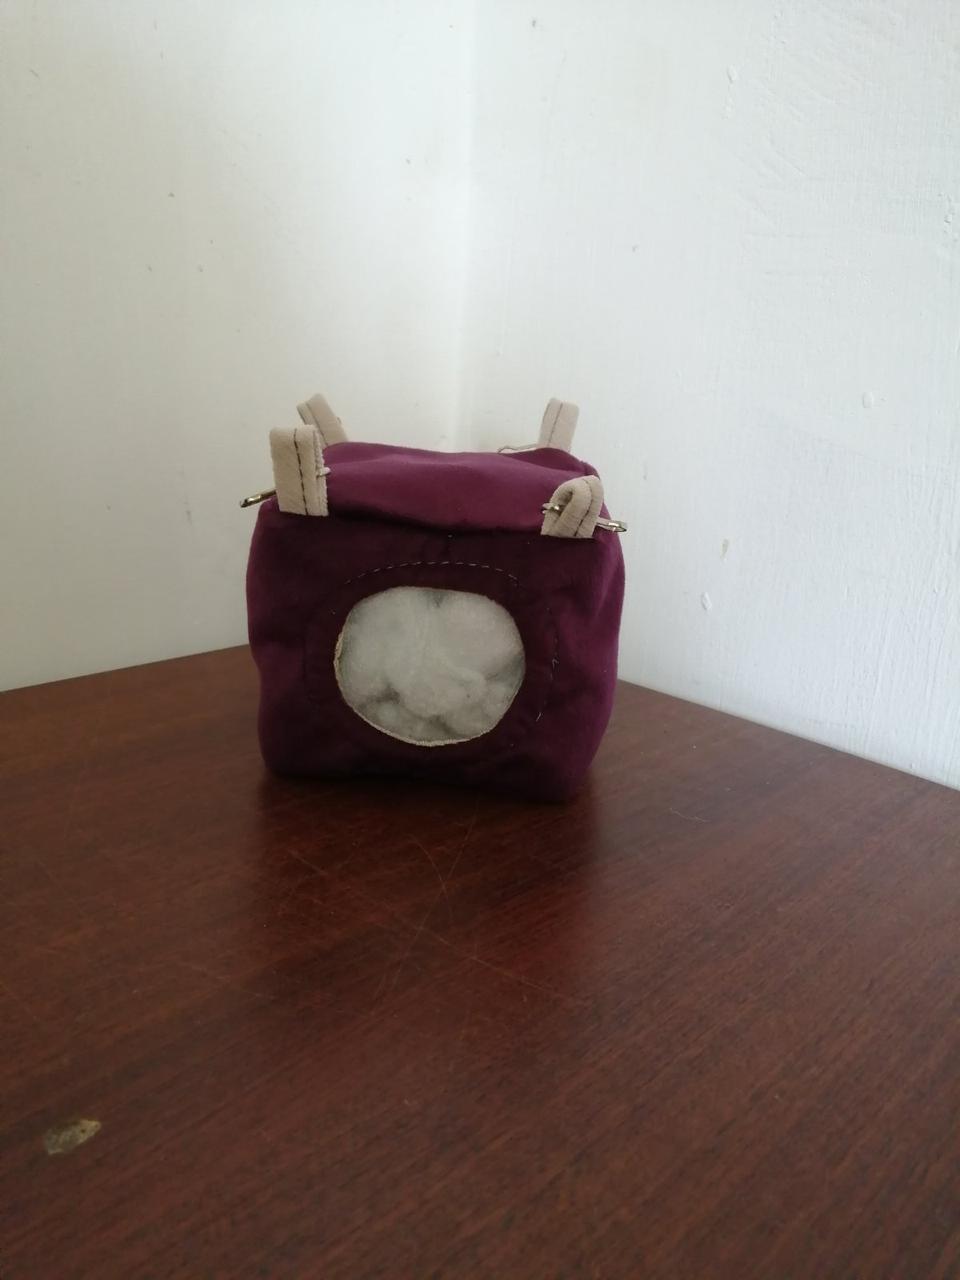 Підвісний будиночок для мишей,хом'яків, 10*10*10 см, Гамак для мишей і хом'яків